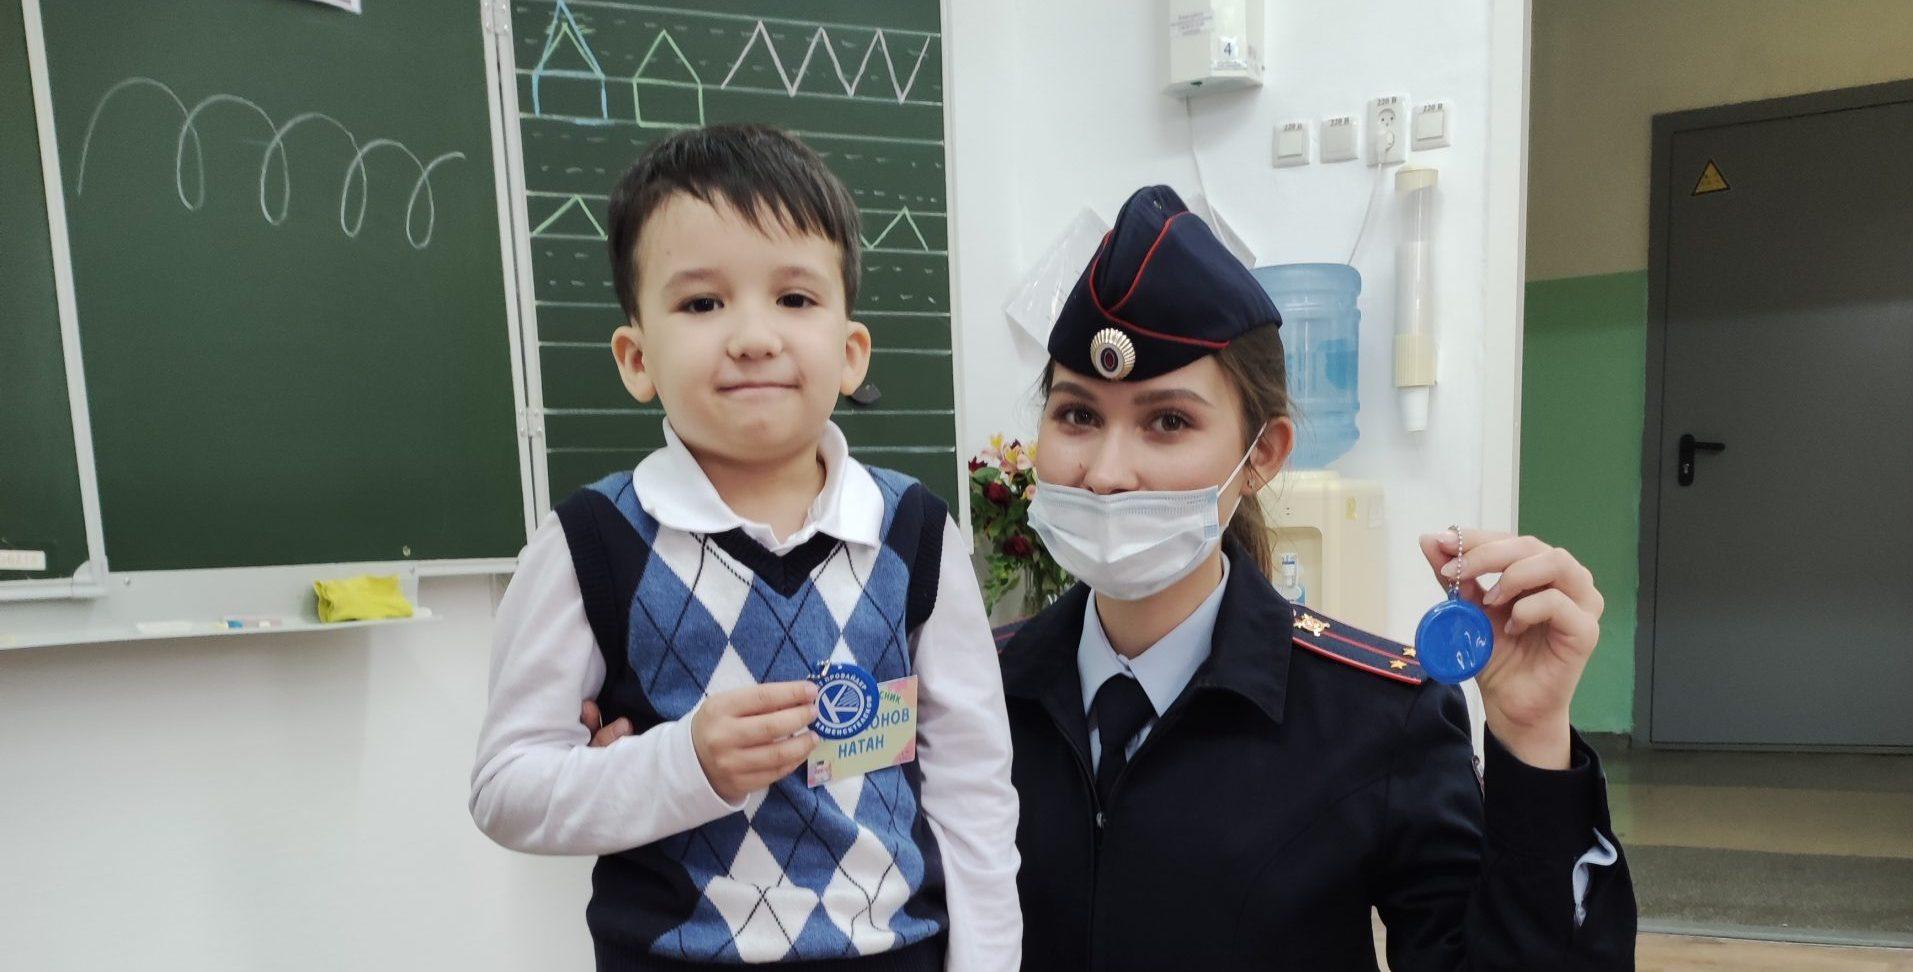 В Каменске-Уральском после каникул провели занятия по ПДД со школьниками